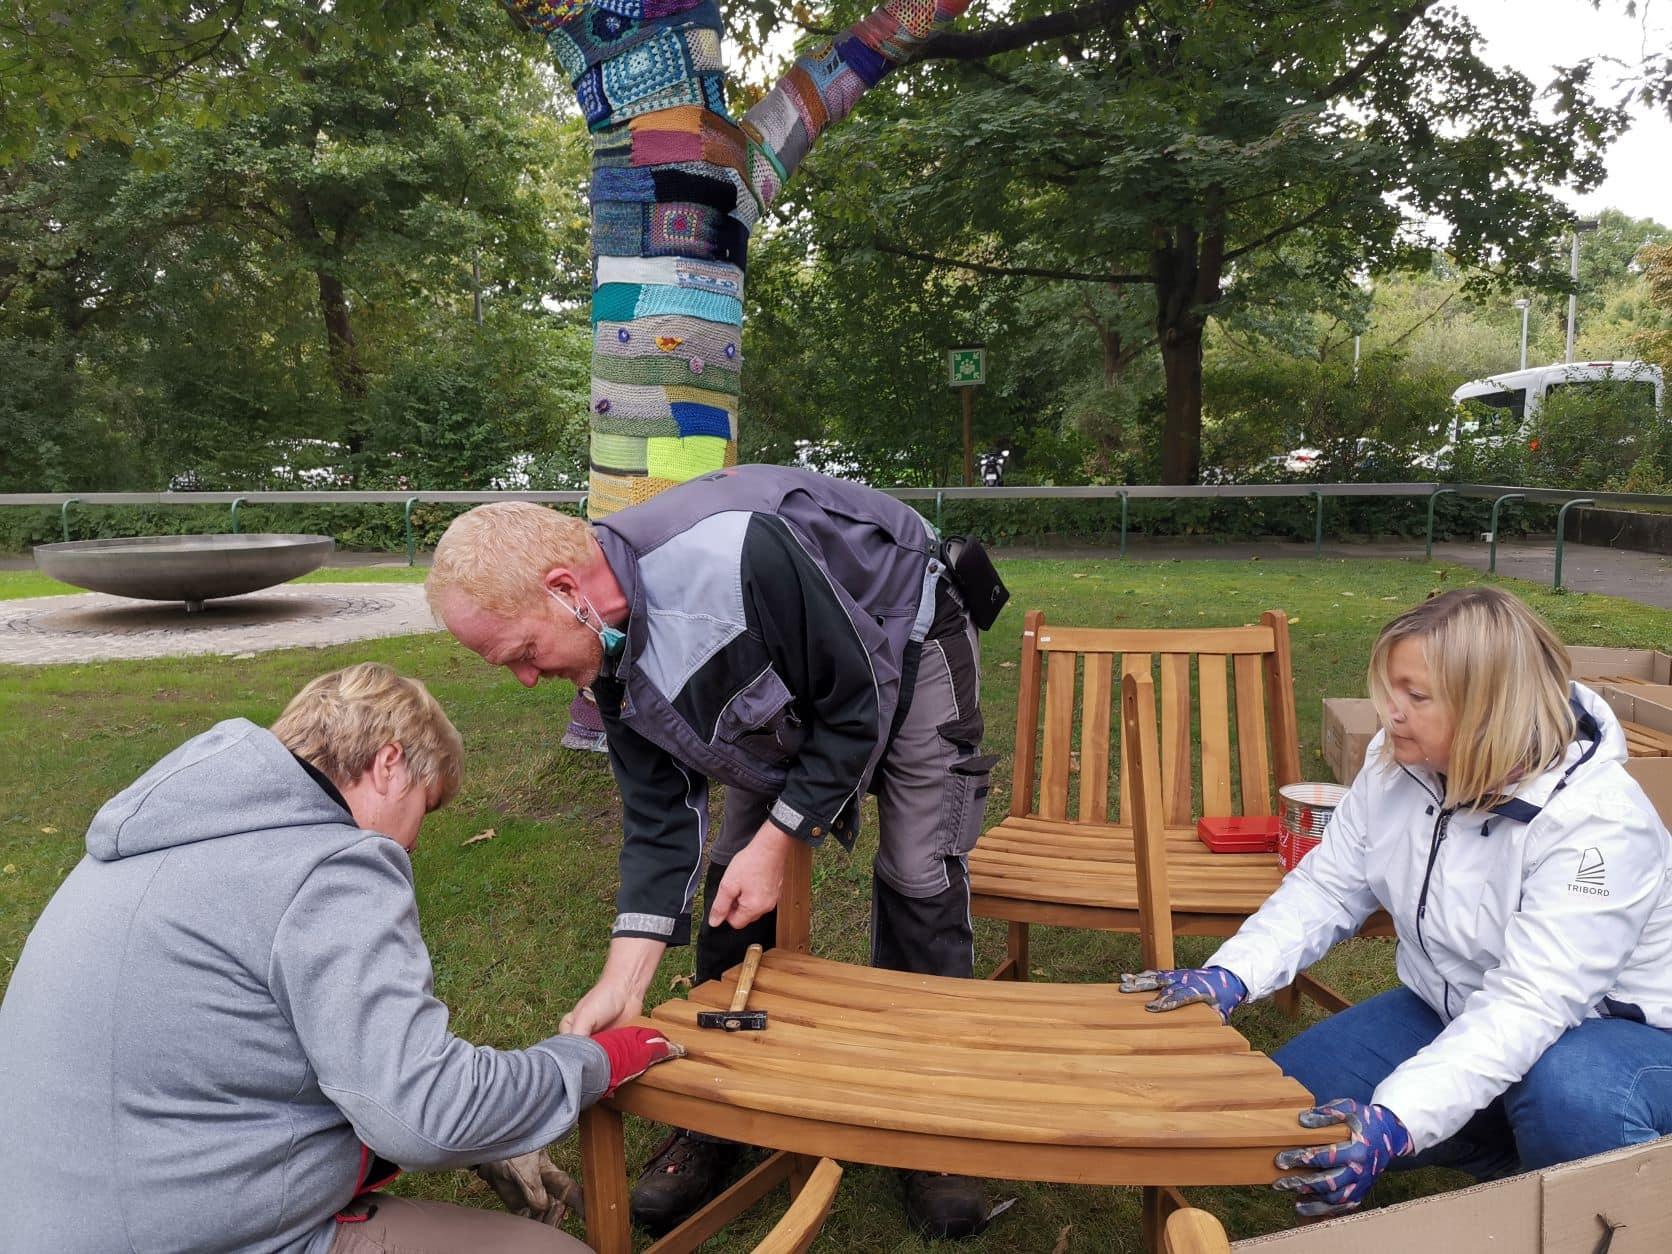 Drei Personen bauen eine Rundbank auf